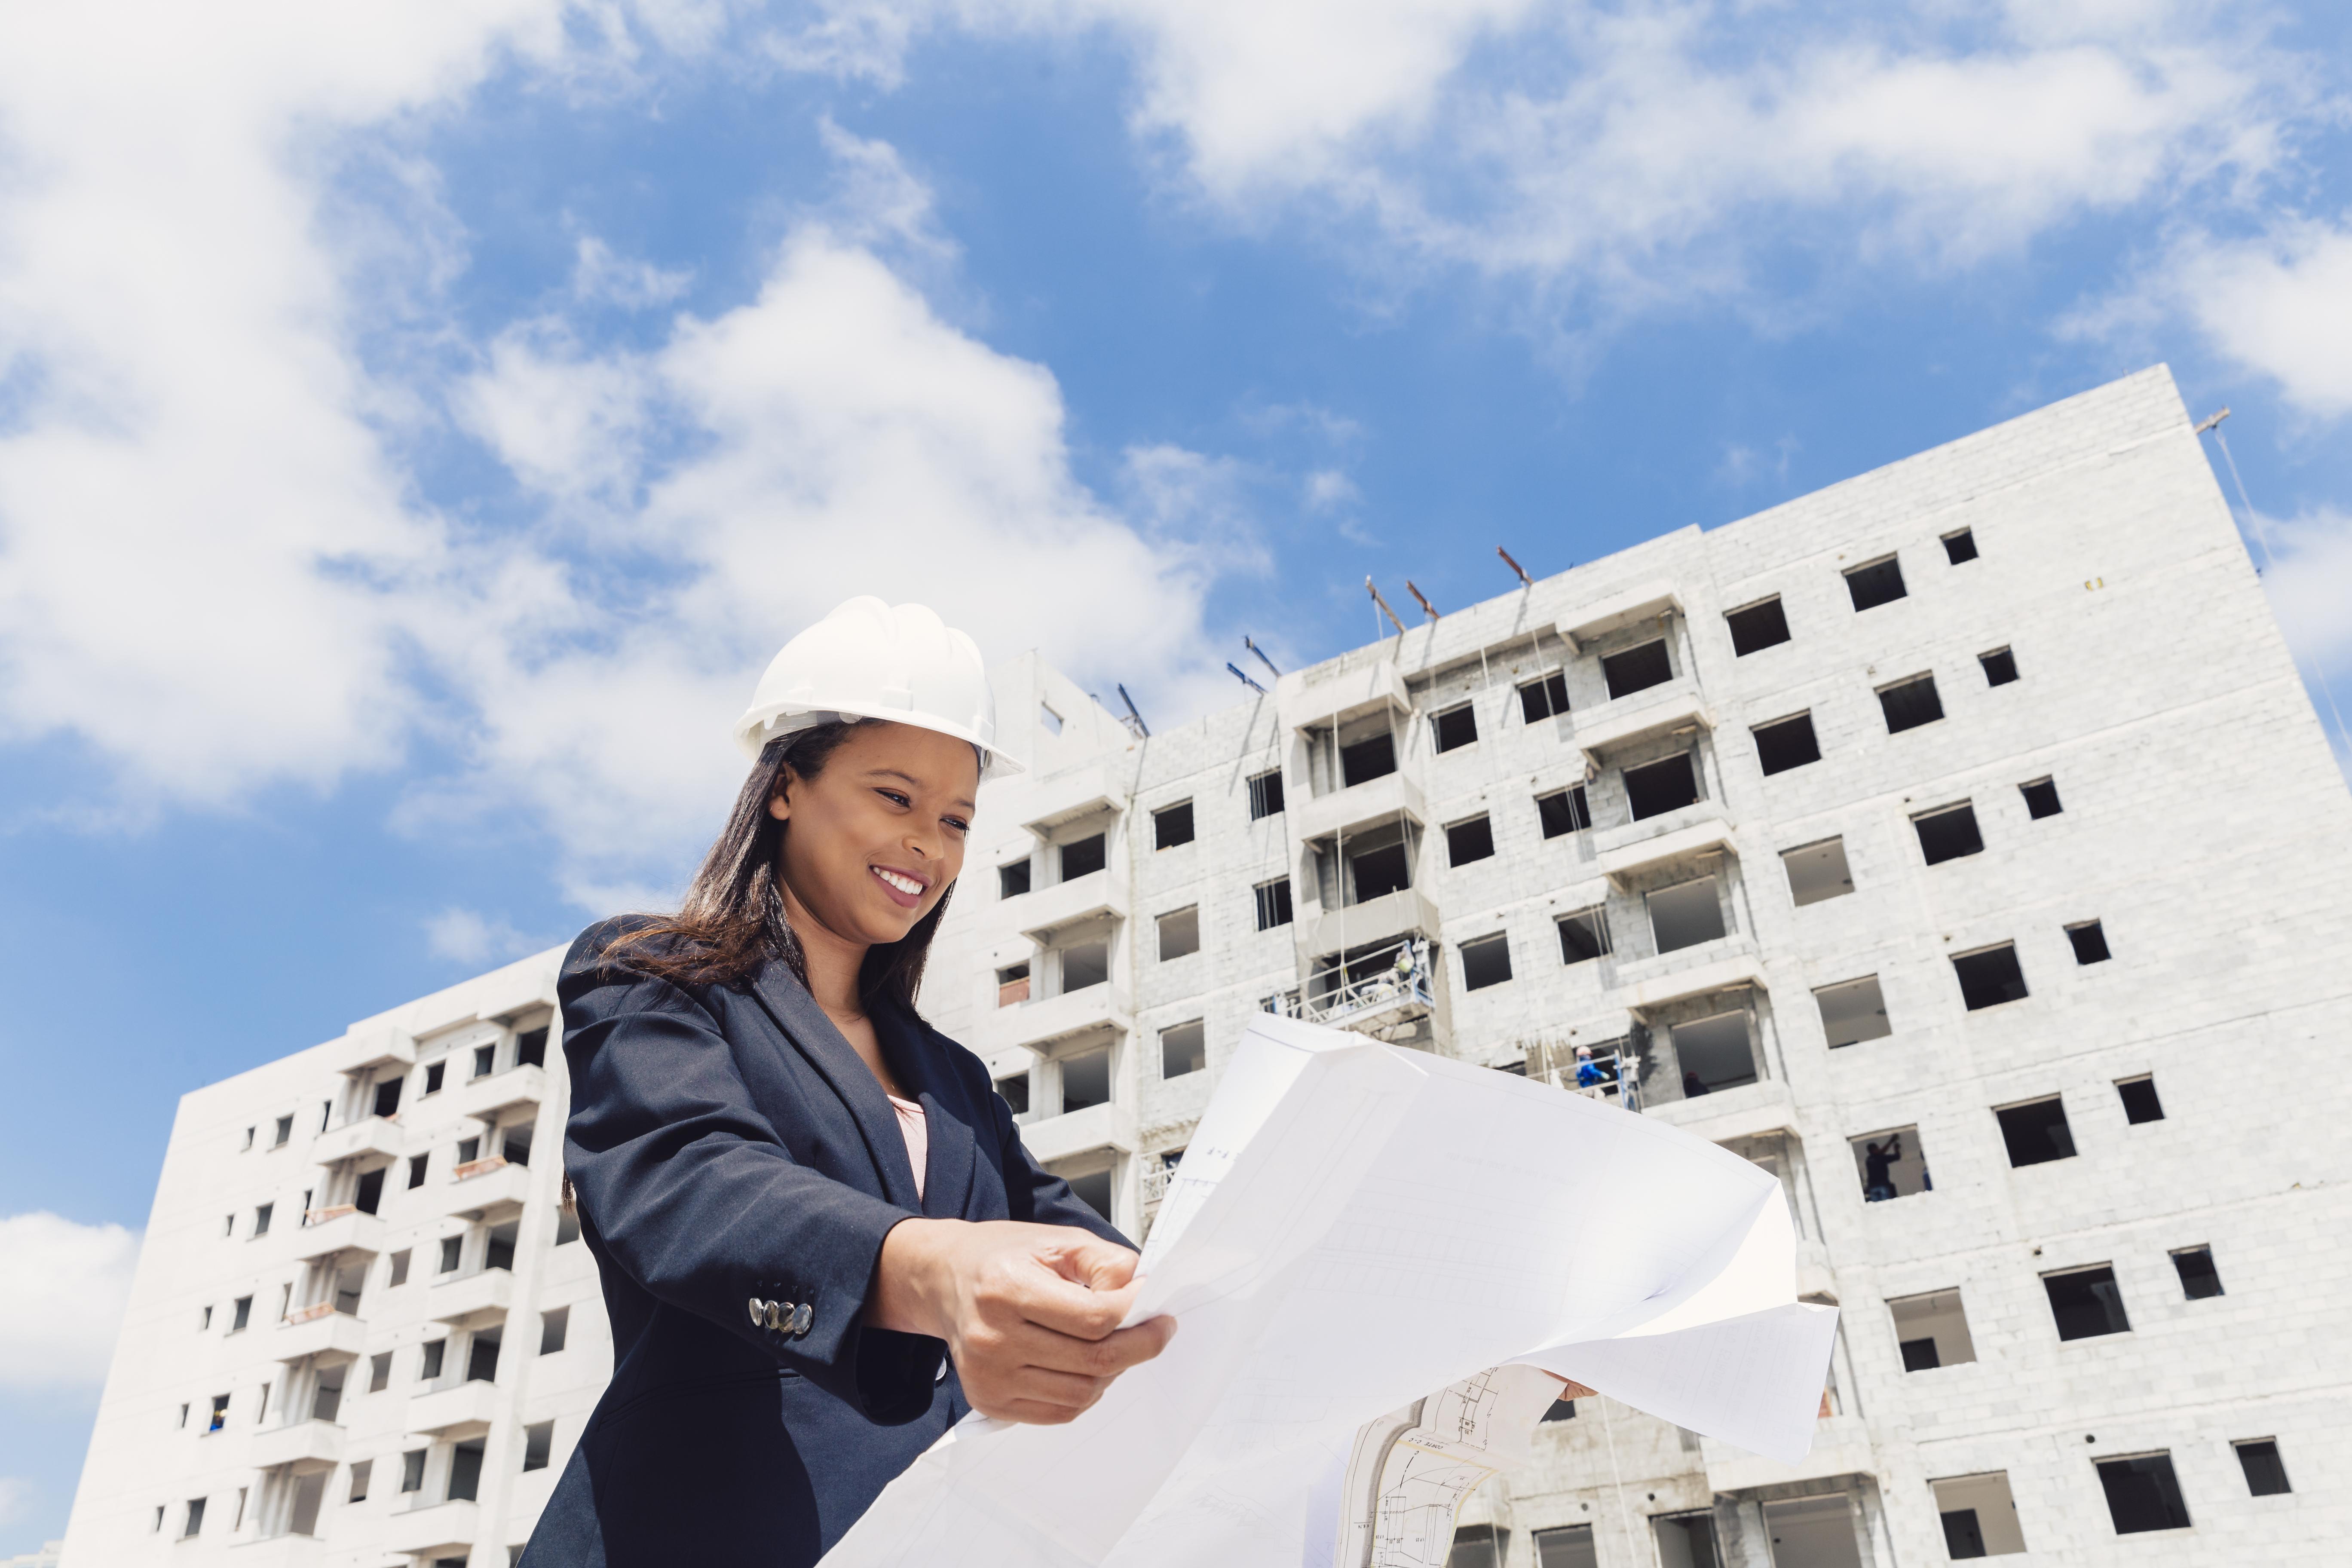 femme avec un casque devant un immeuble